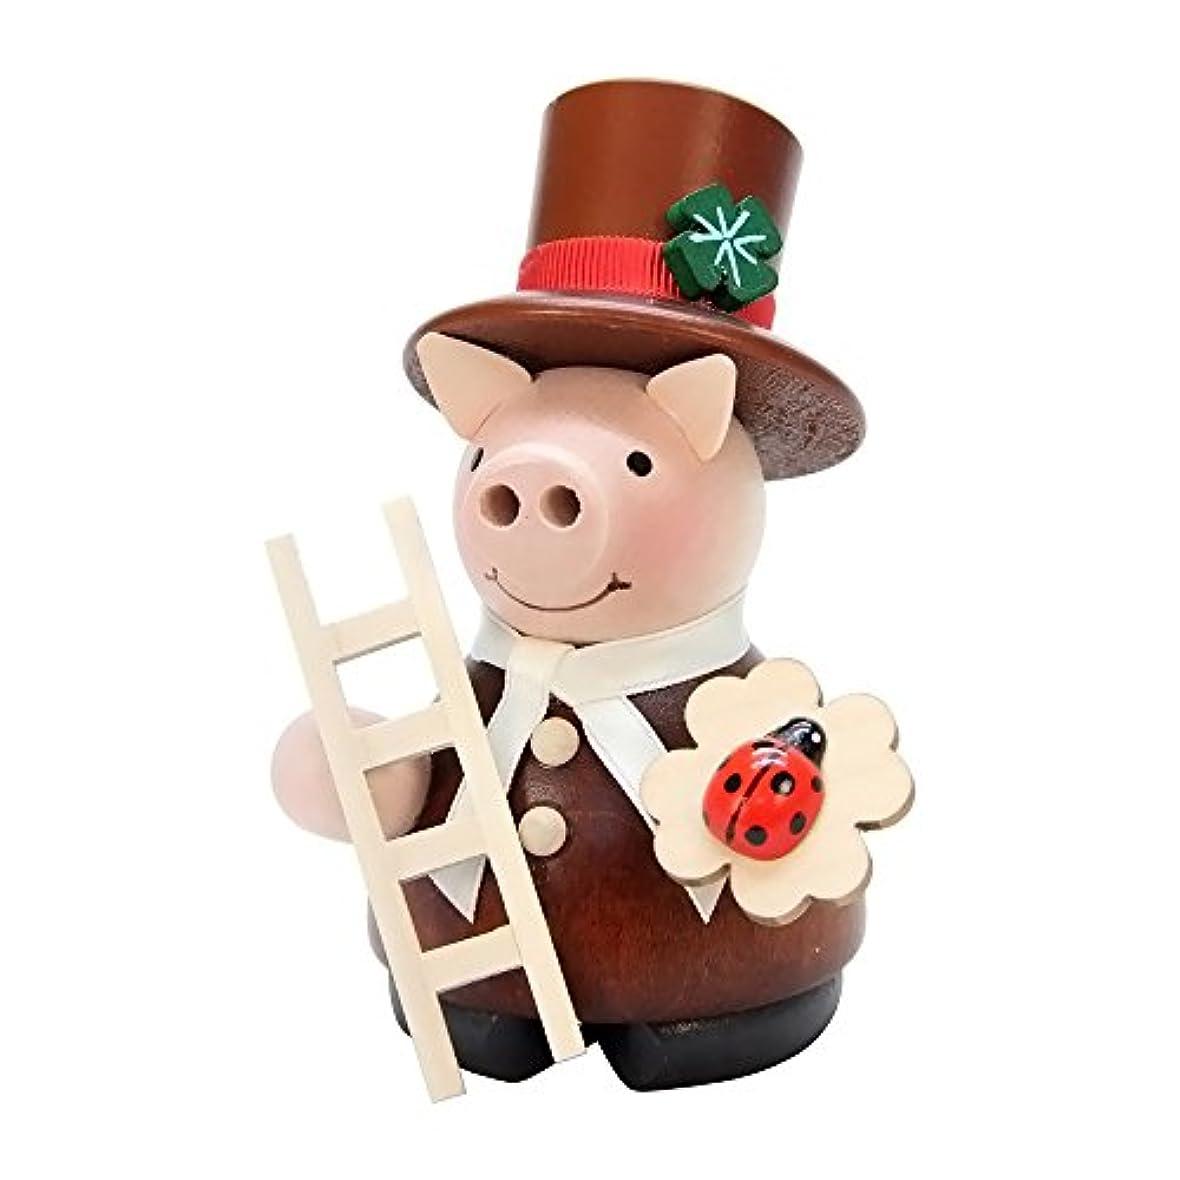 僕の火曜日限界(One size, Multi) - Christian Ulbricht Incense Burner - Lucky Pig Chimney Sweep - 4.5H x 3W x 3D